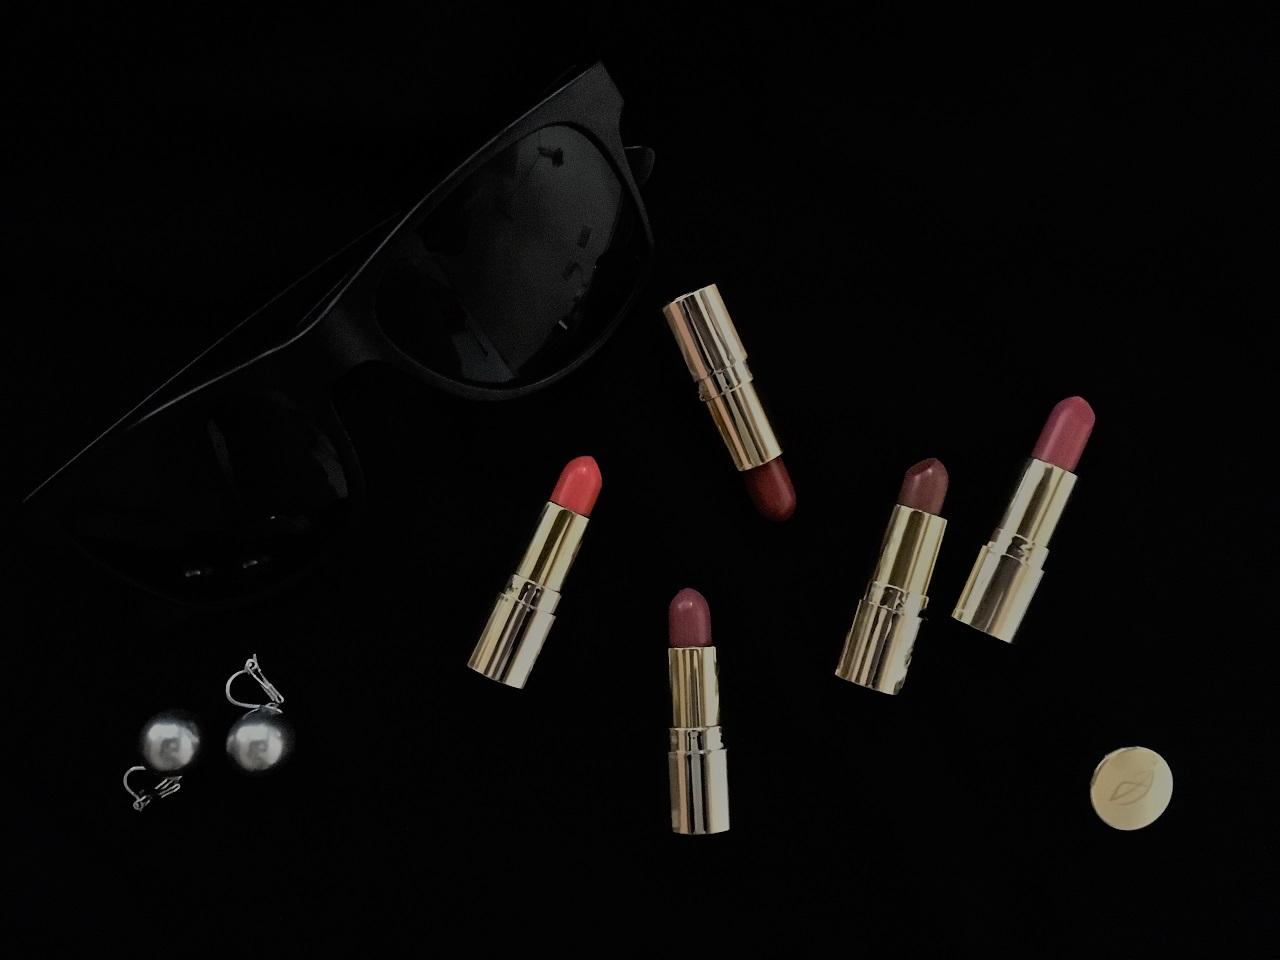 Color Boundless Mini Rouge(不色限迷你唇膏) 1本150台湾ドル、3本セット450台湾ドル、15本セット2,250台湾ドル/PureArt